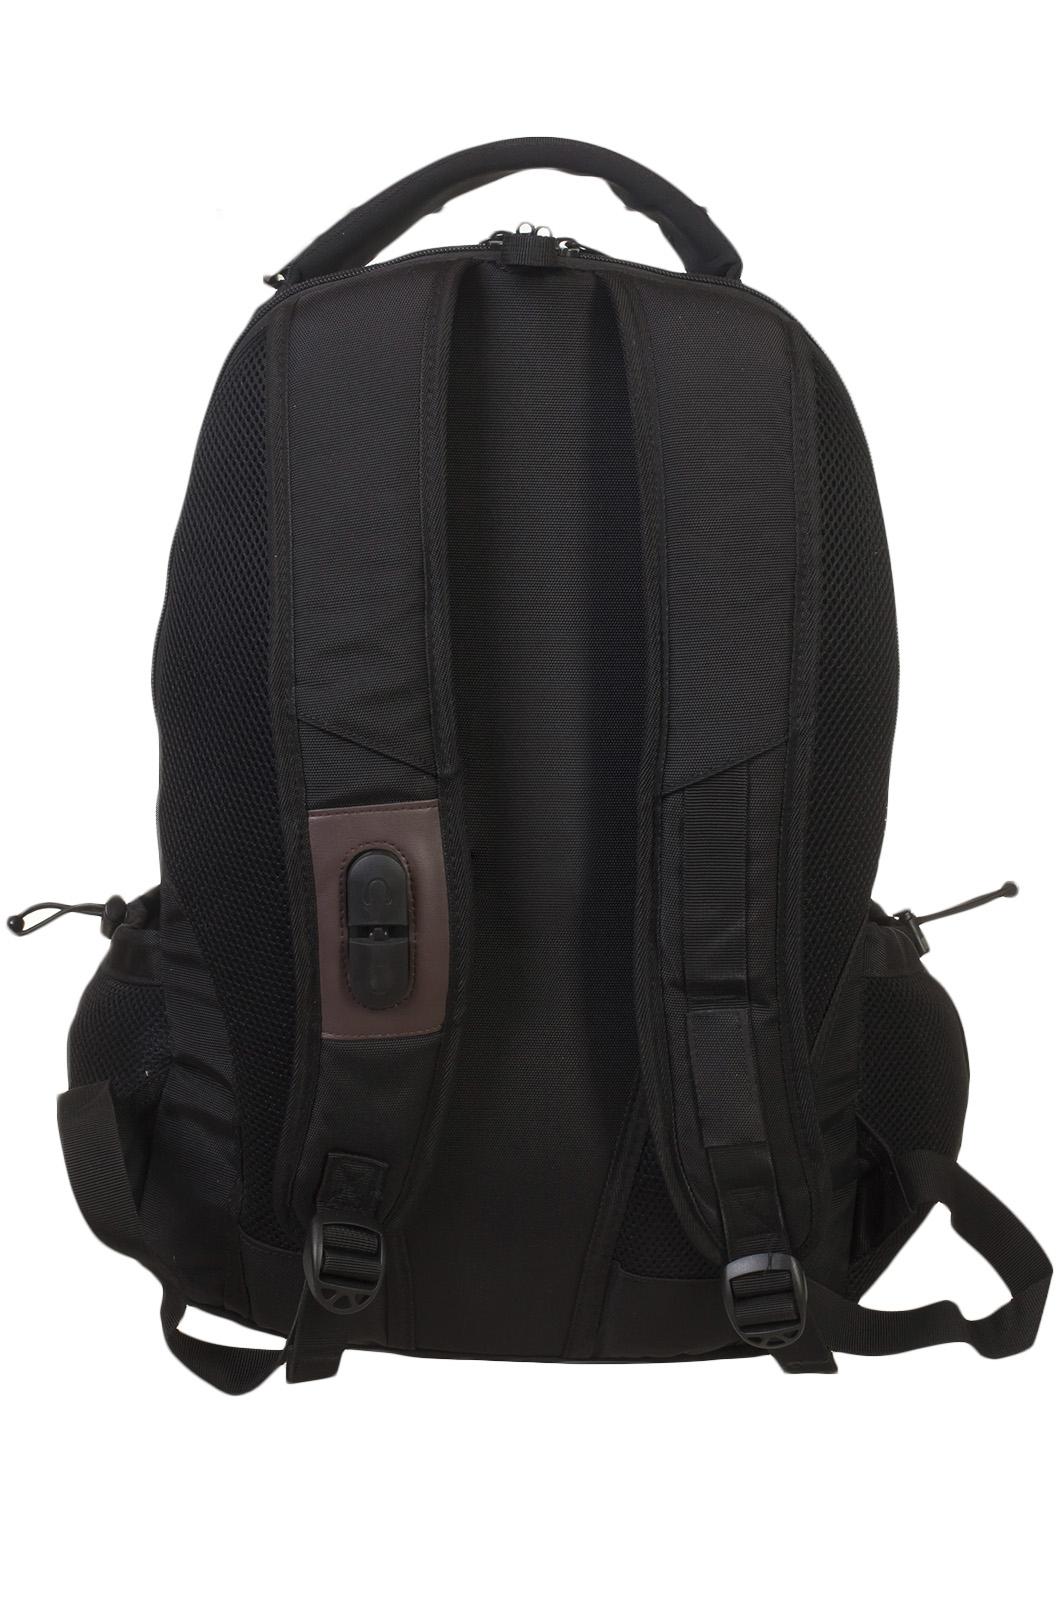 Черный удобный рюкзак с нашивкой ВДВ - заказать по низкой цене